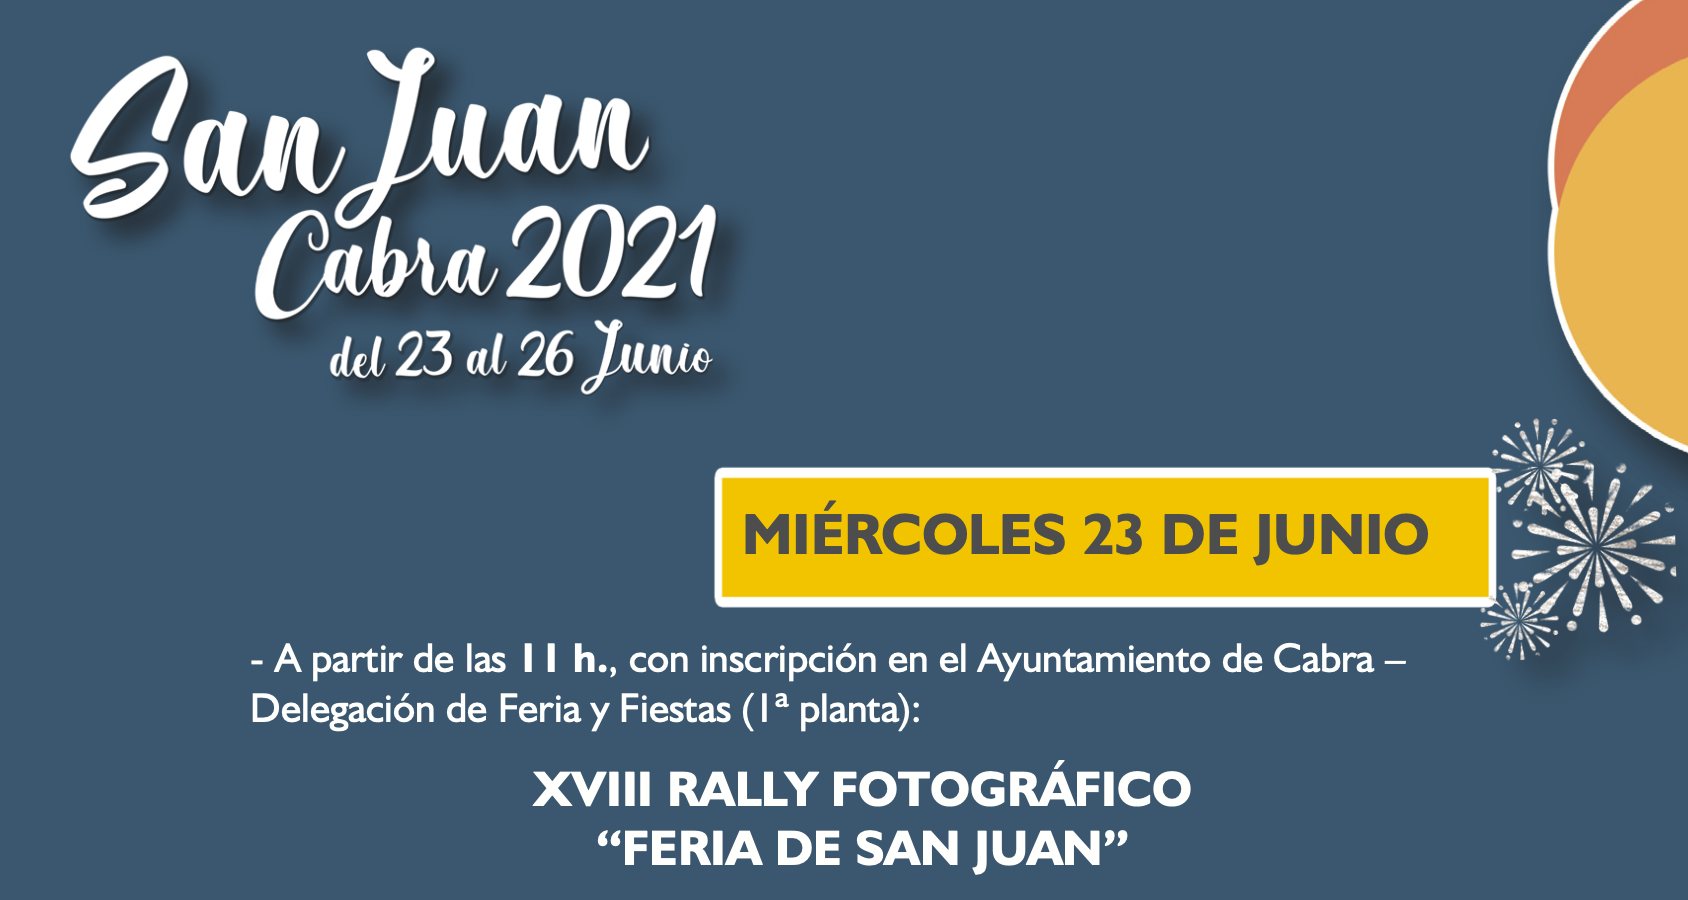 Bases concurso rally fotográfico San Juan 2021